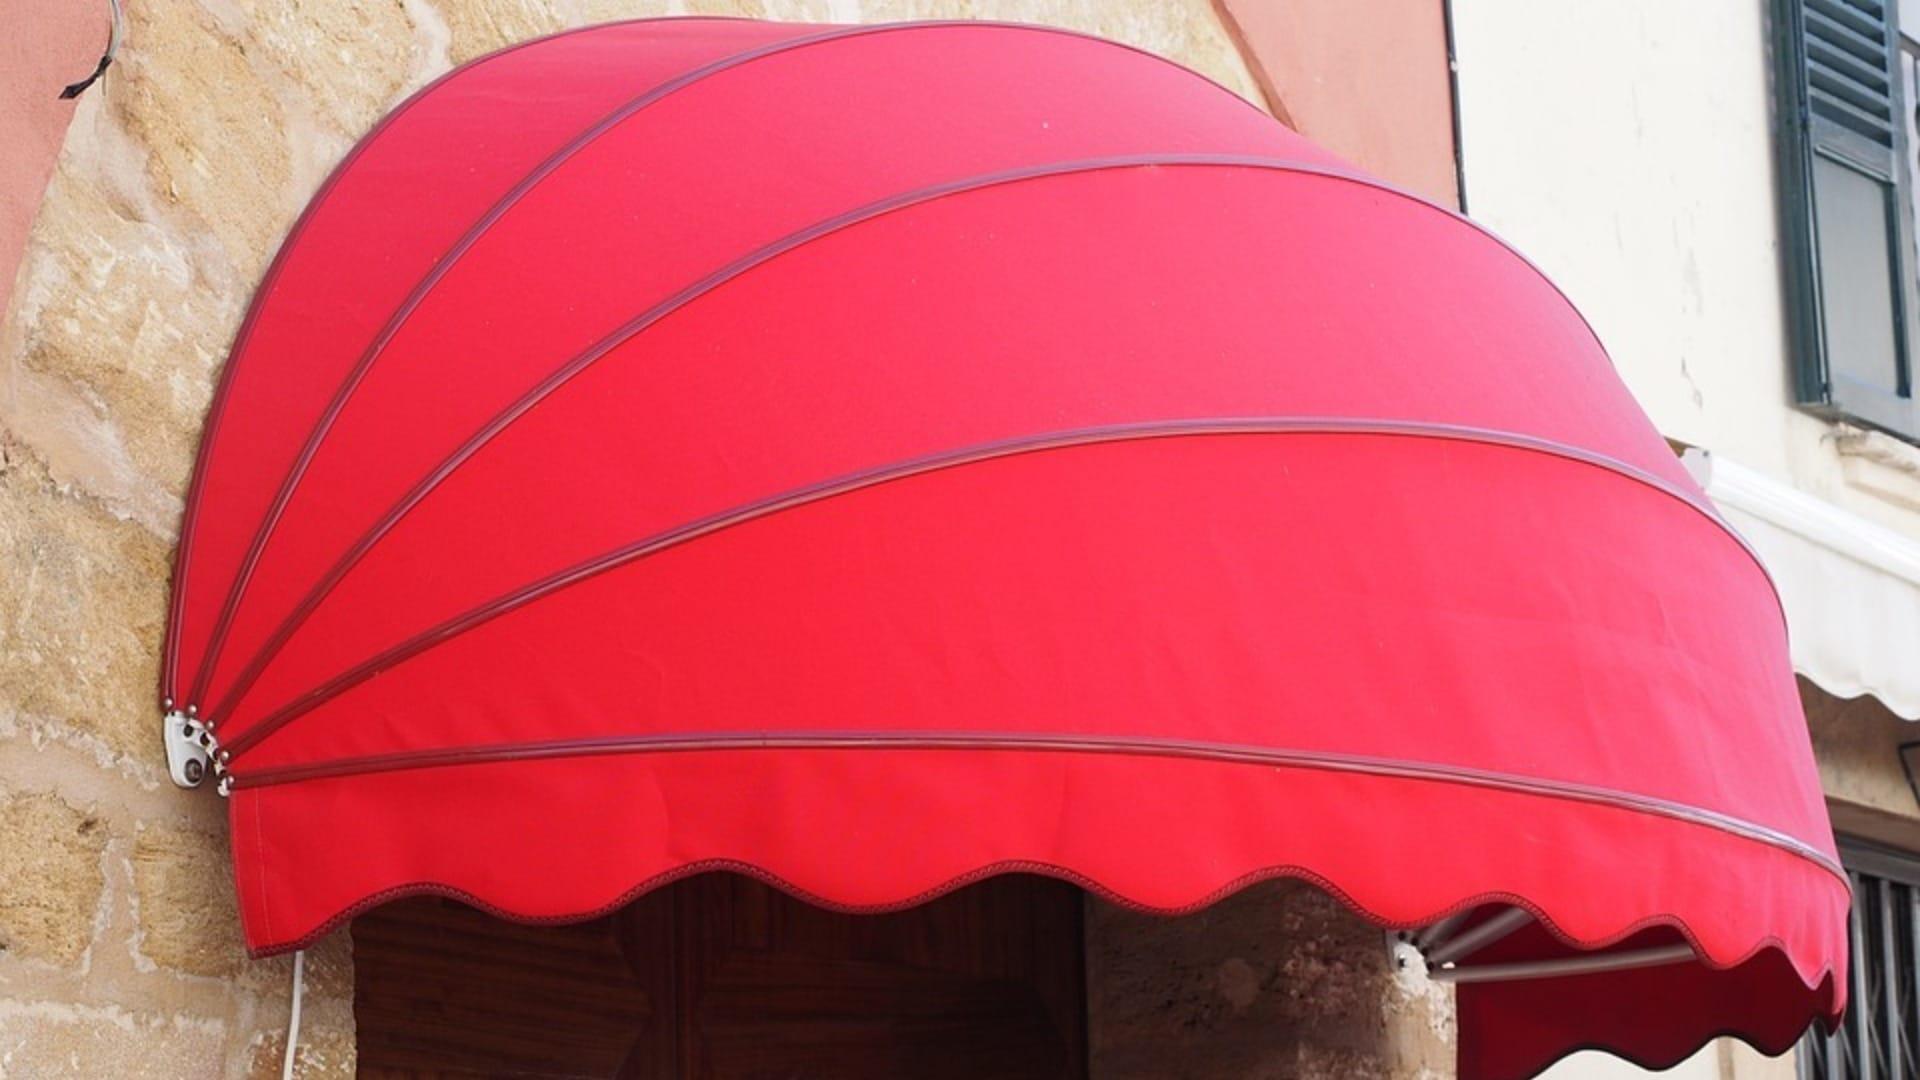 Tende Da Sole Cagliari.I Migliori 28 Installatori Di Tende Da Sole A Cagliari Con Preventivi Gratuiti